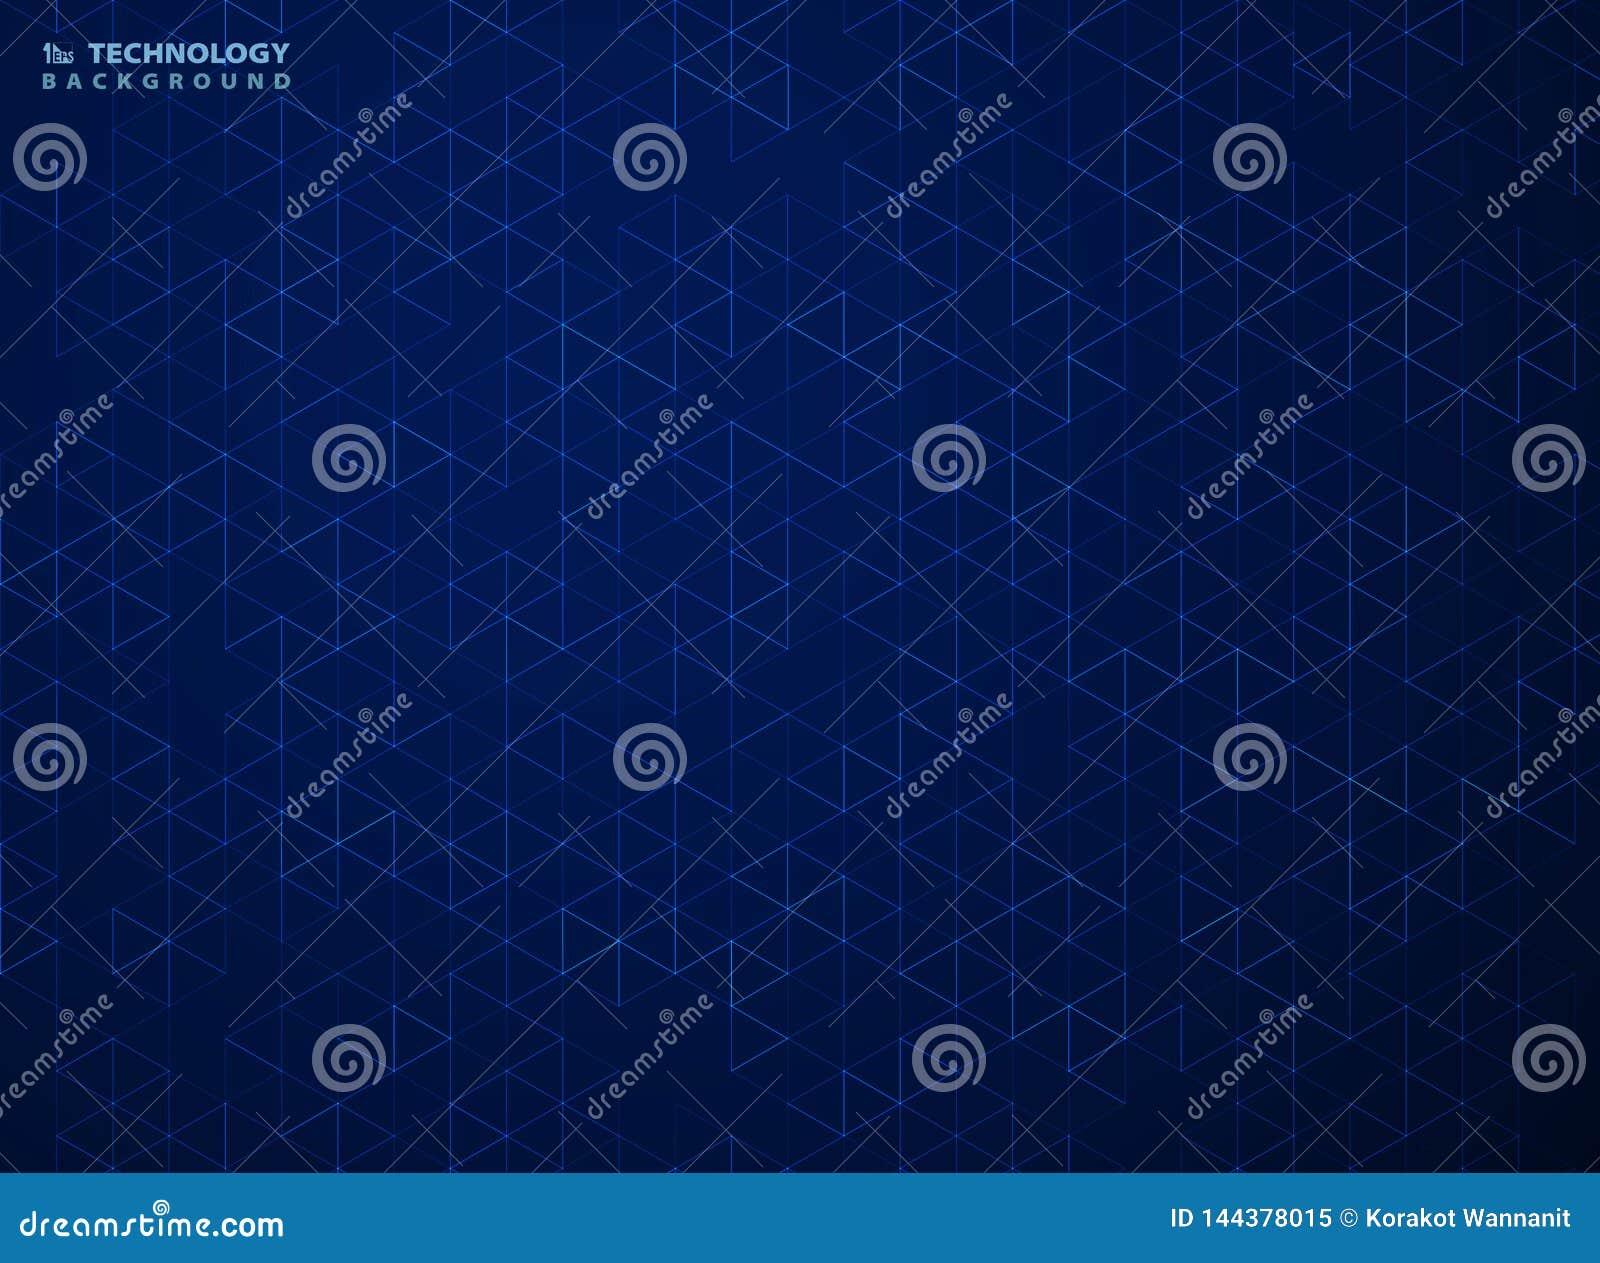 Abstrakt blå sexhörningsmodell av geometrisk bakgrund för teknologi Illustrationvektor eps10